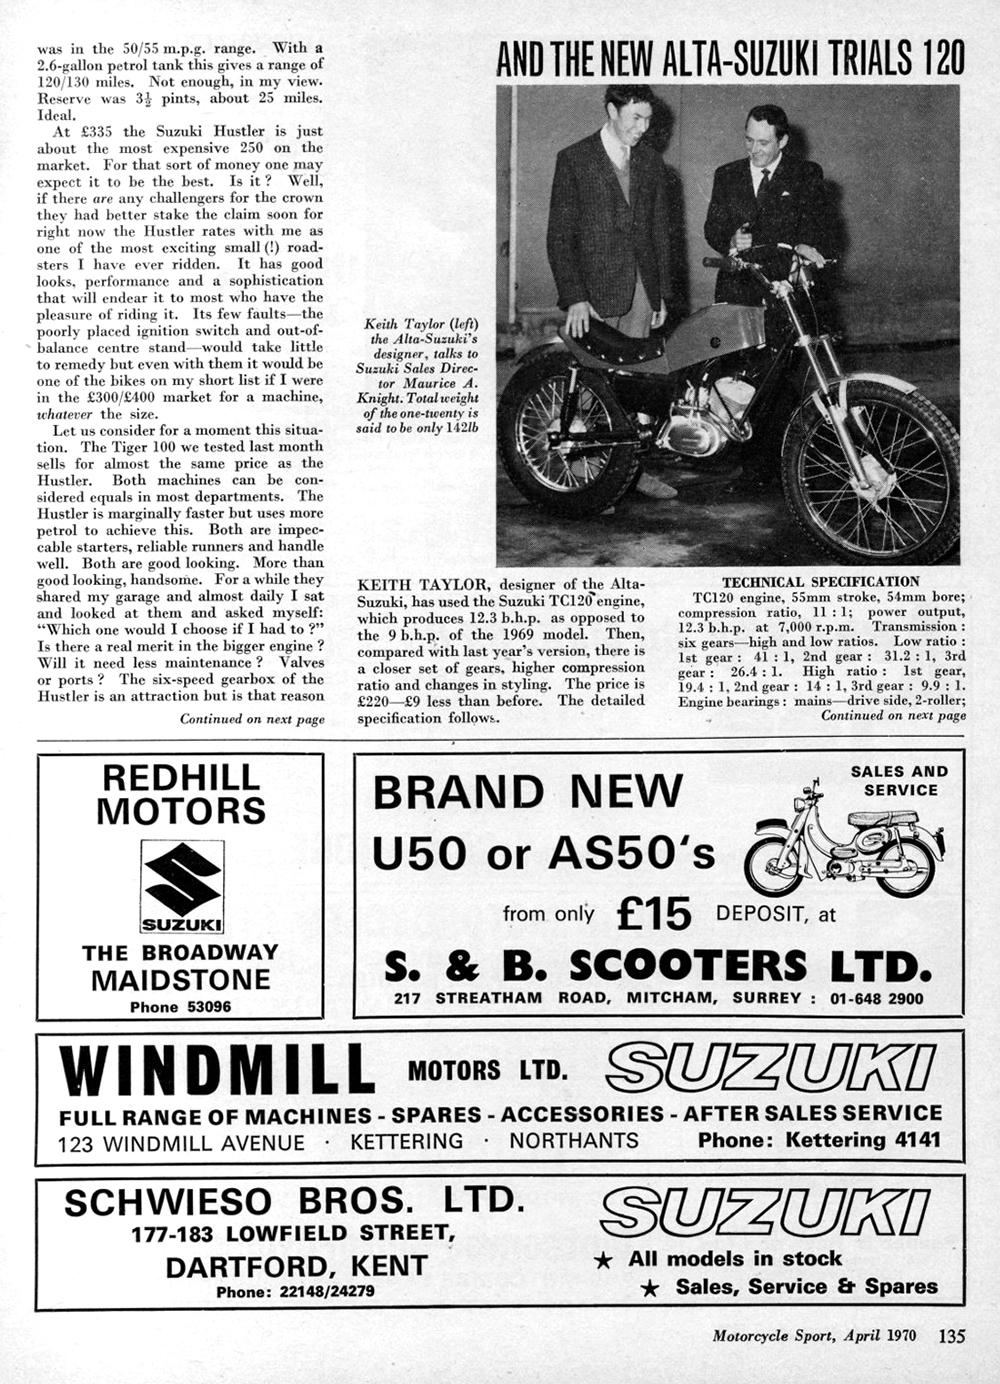 1970 Suzuki 250 Hustler road test 4.jpg